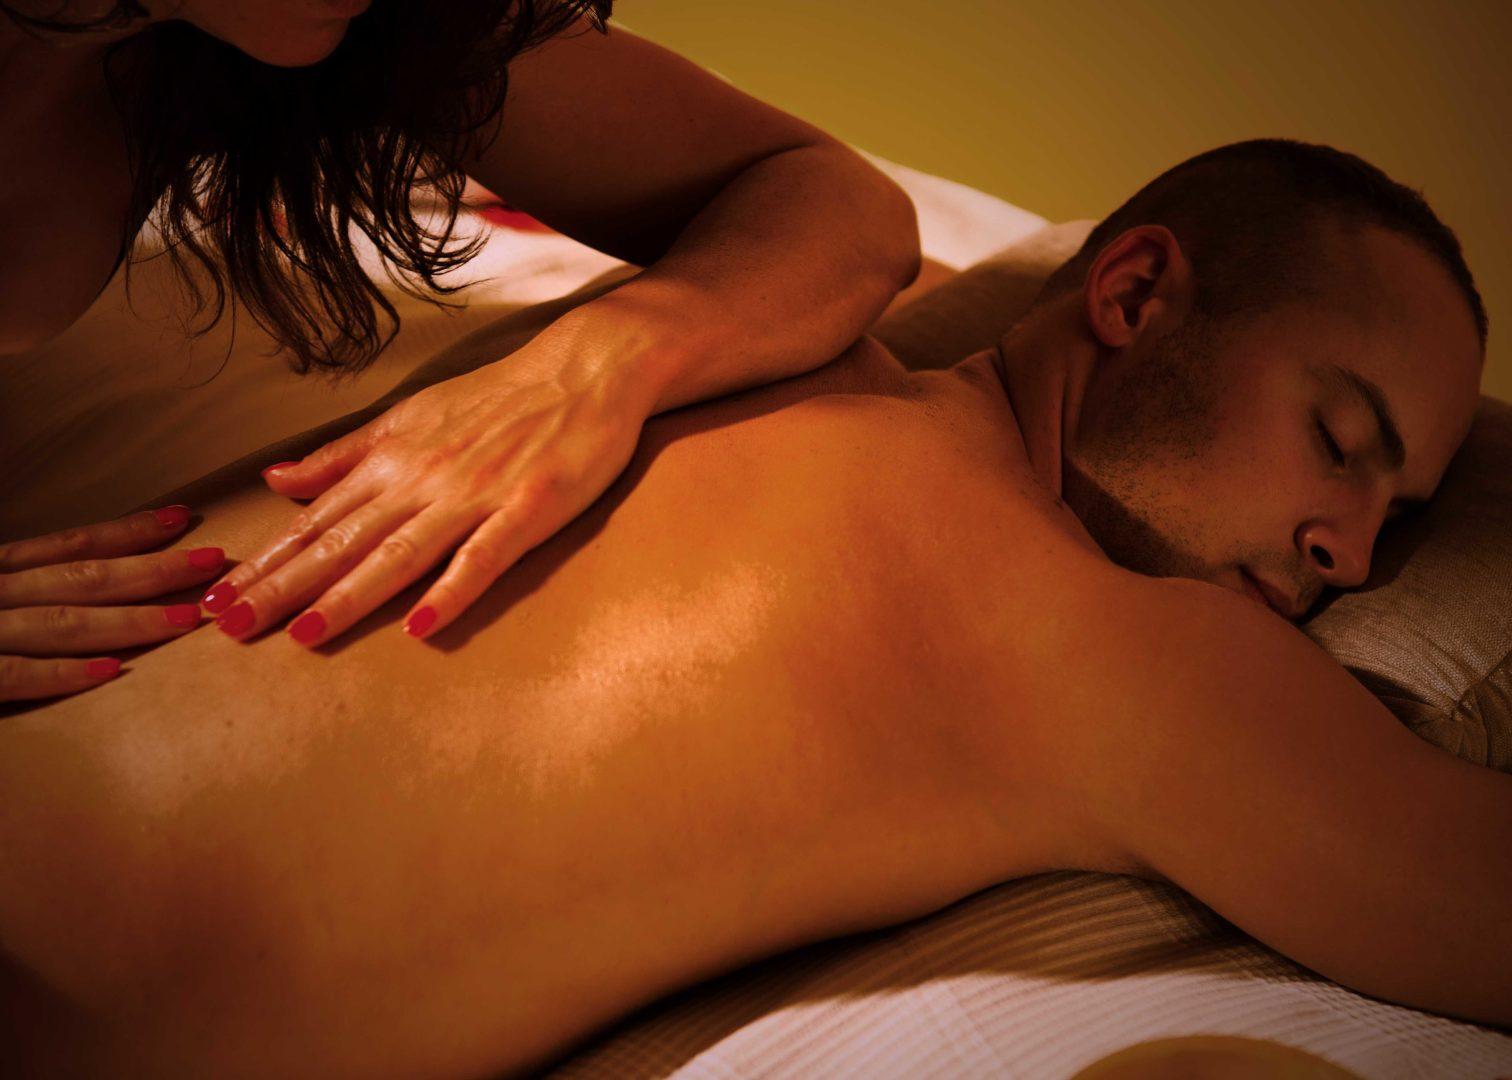 Какие мужчины чаще посещают салон эротического массажа?